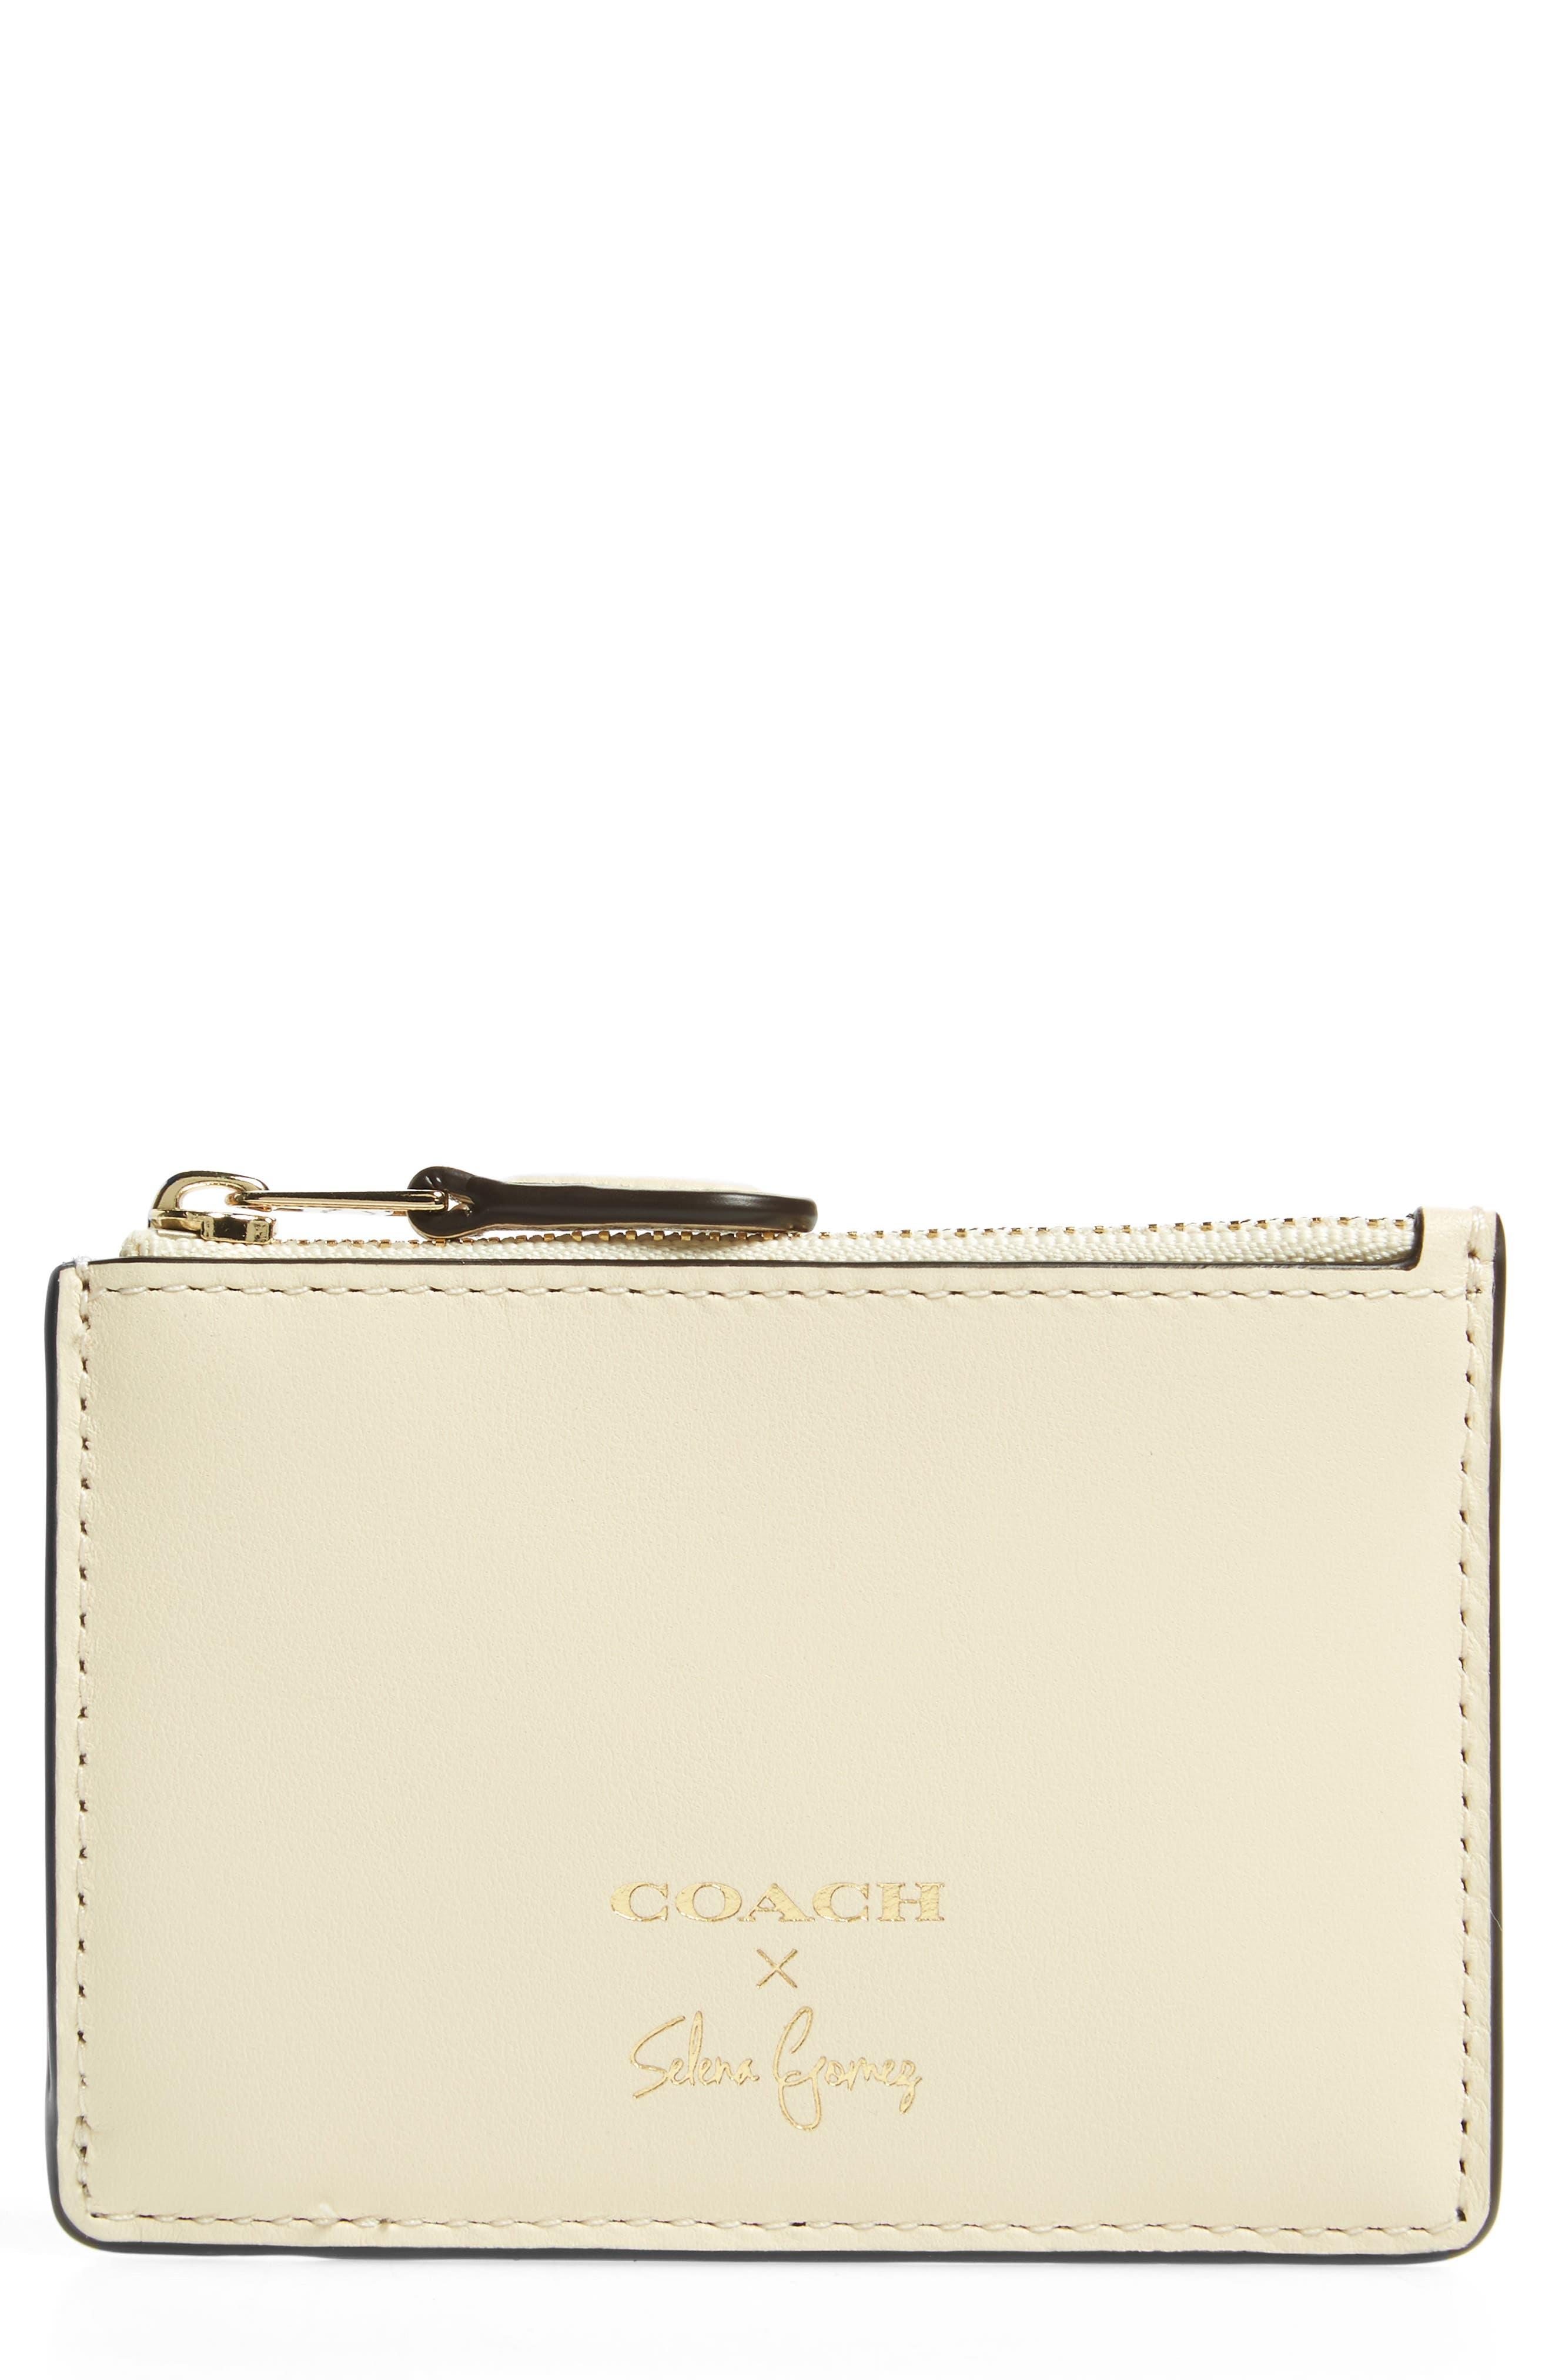 Main Image - COACH x Selena Gomez Mini Skinny Leather Card Case